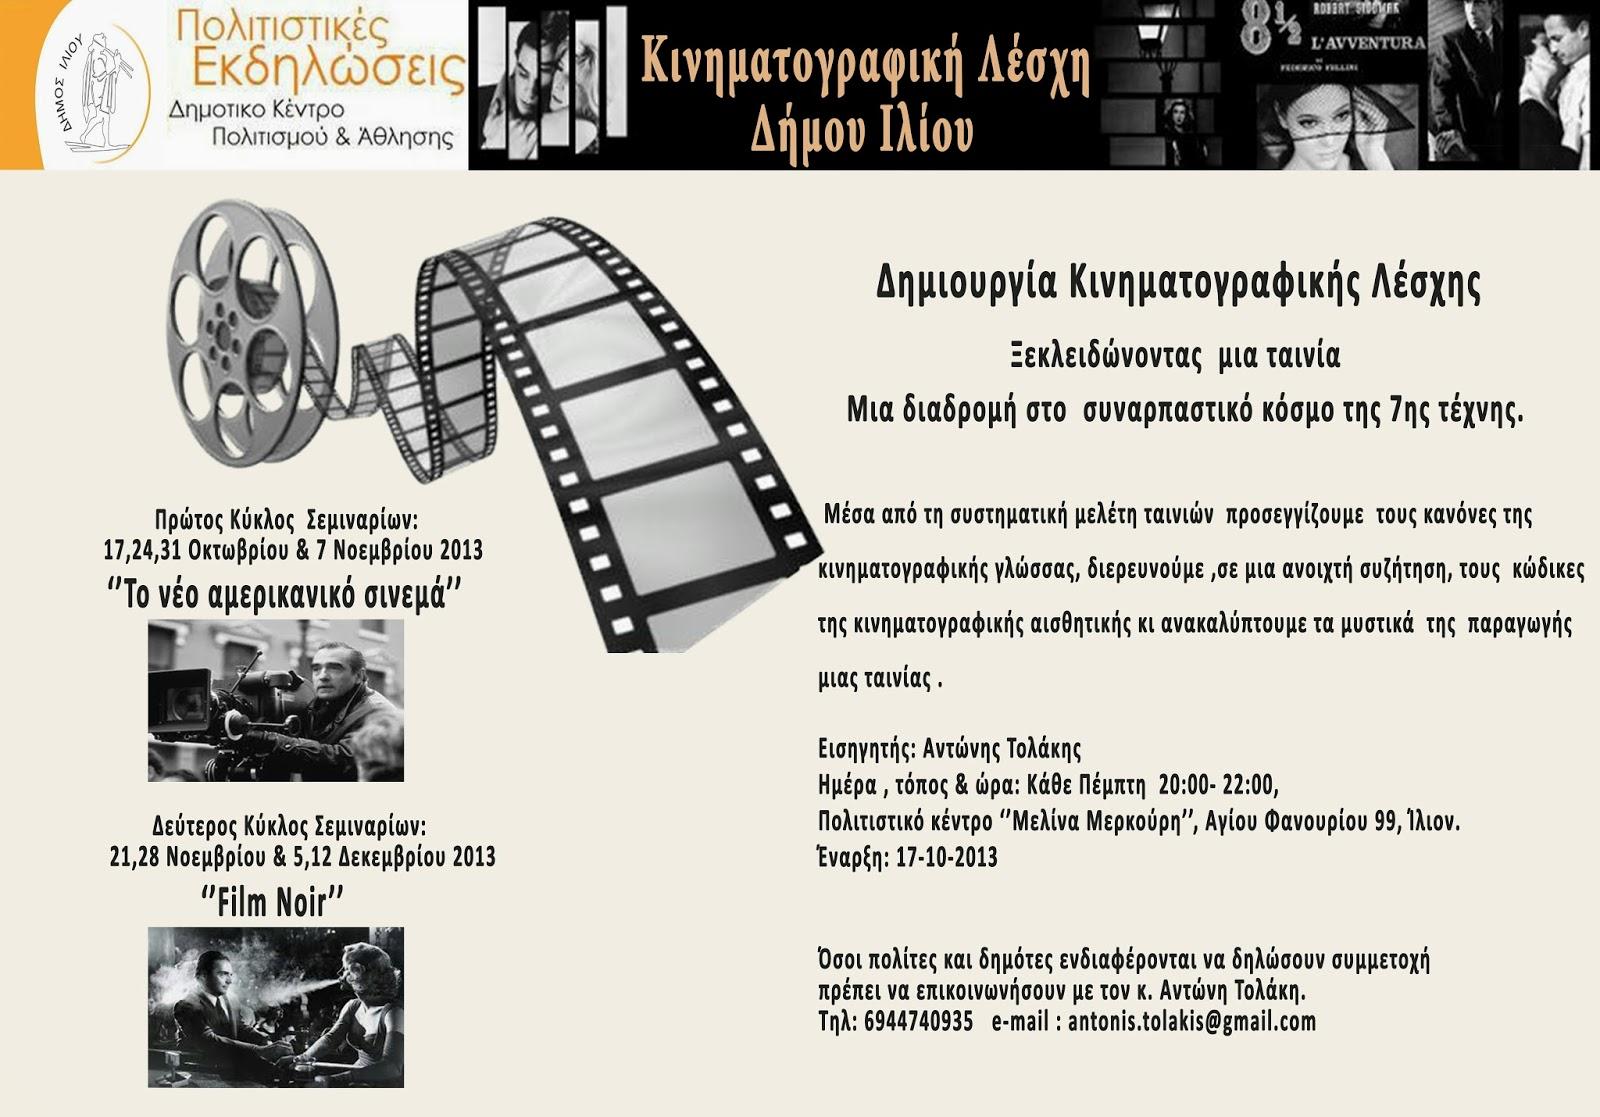 Δημιουργία κινηματογραφικής λέσχης